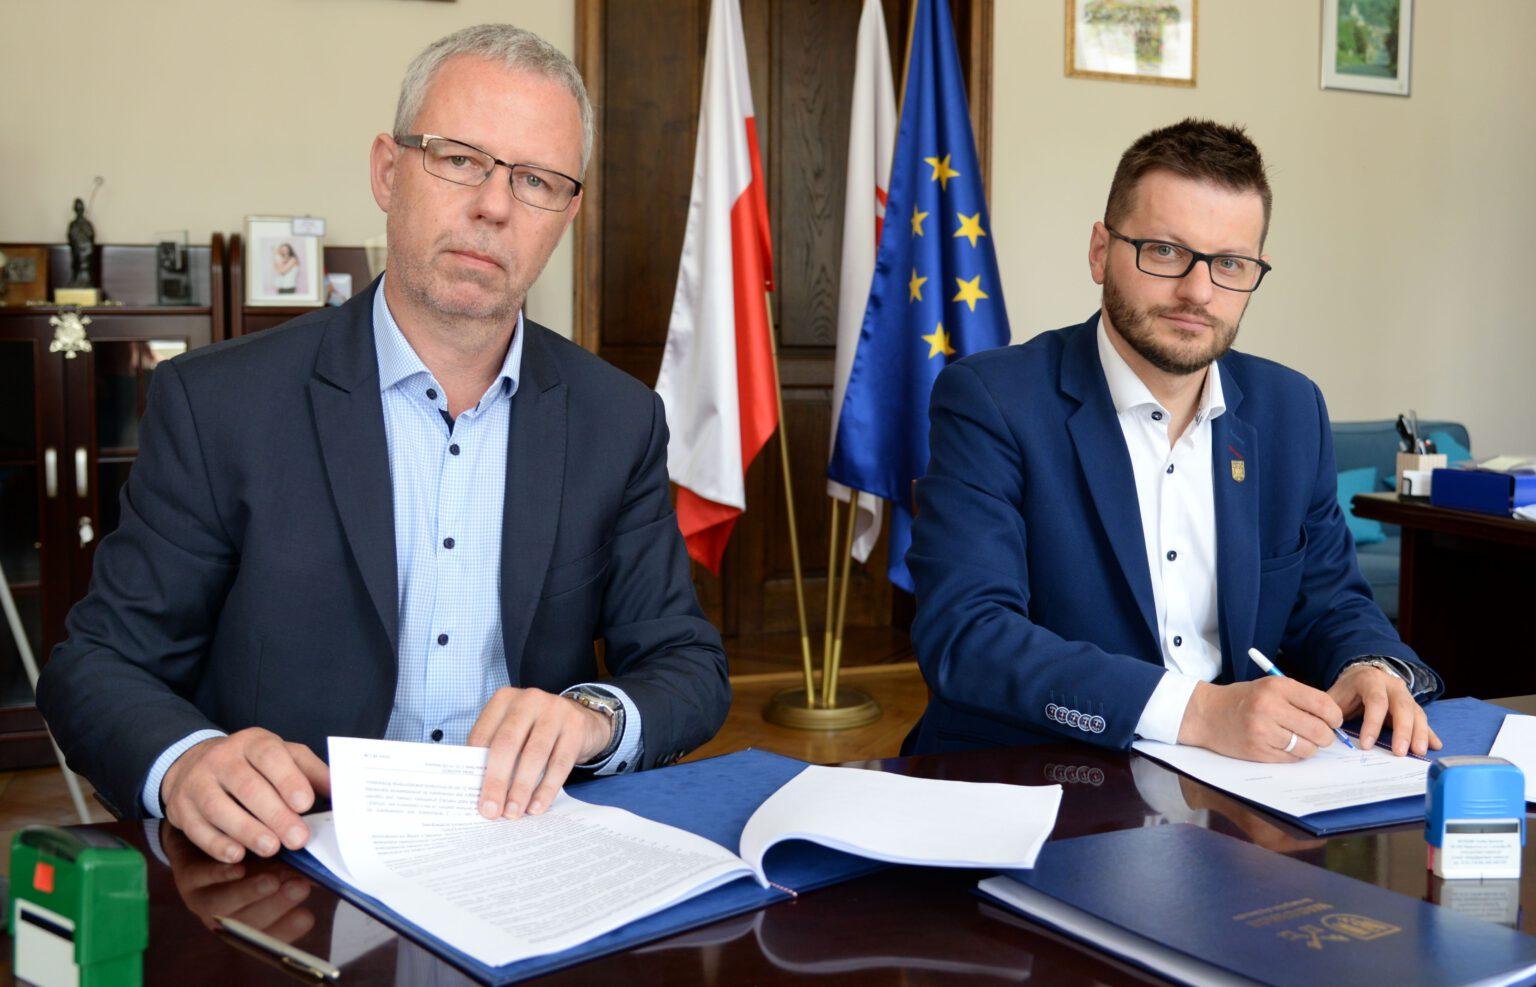 Podpisano umowę na budowę obwodnicy Wadowic. Koszt inwestycji to 73 mln zł!